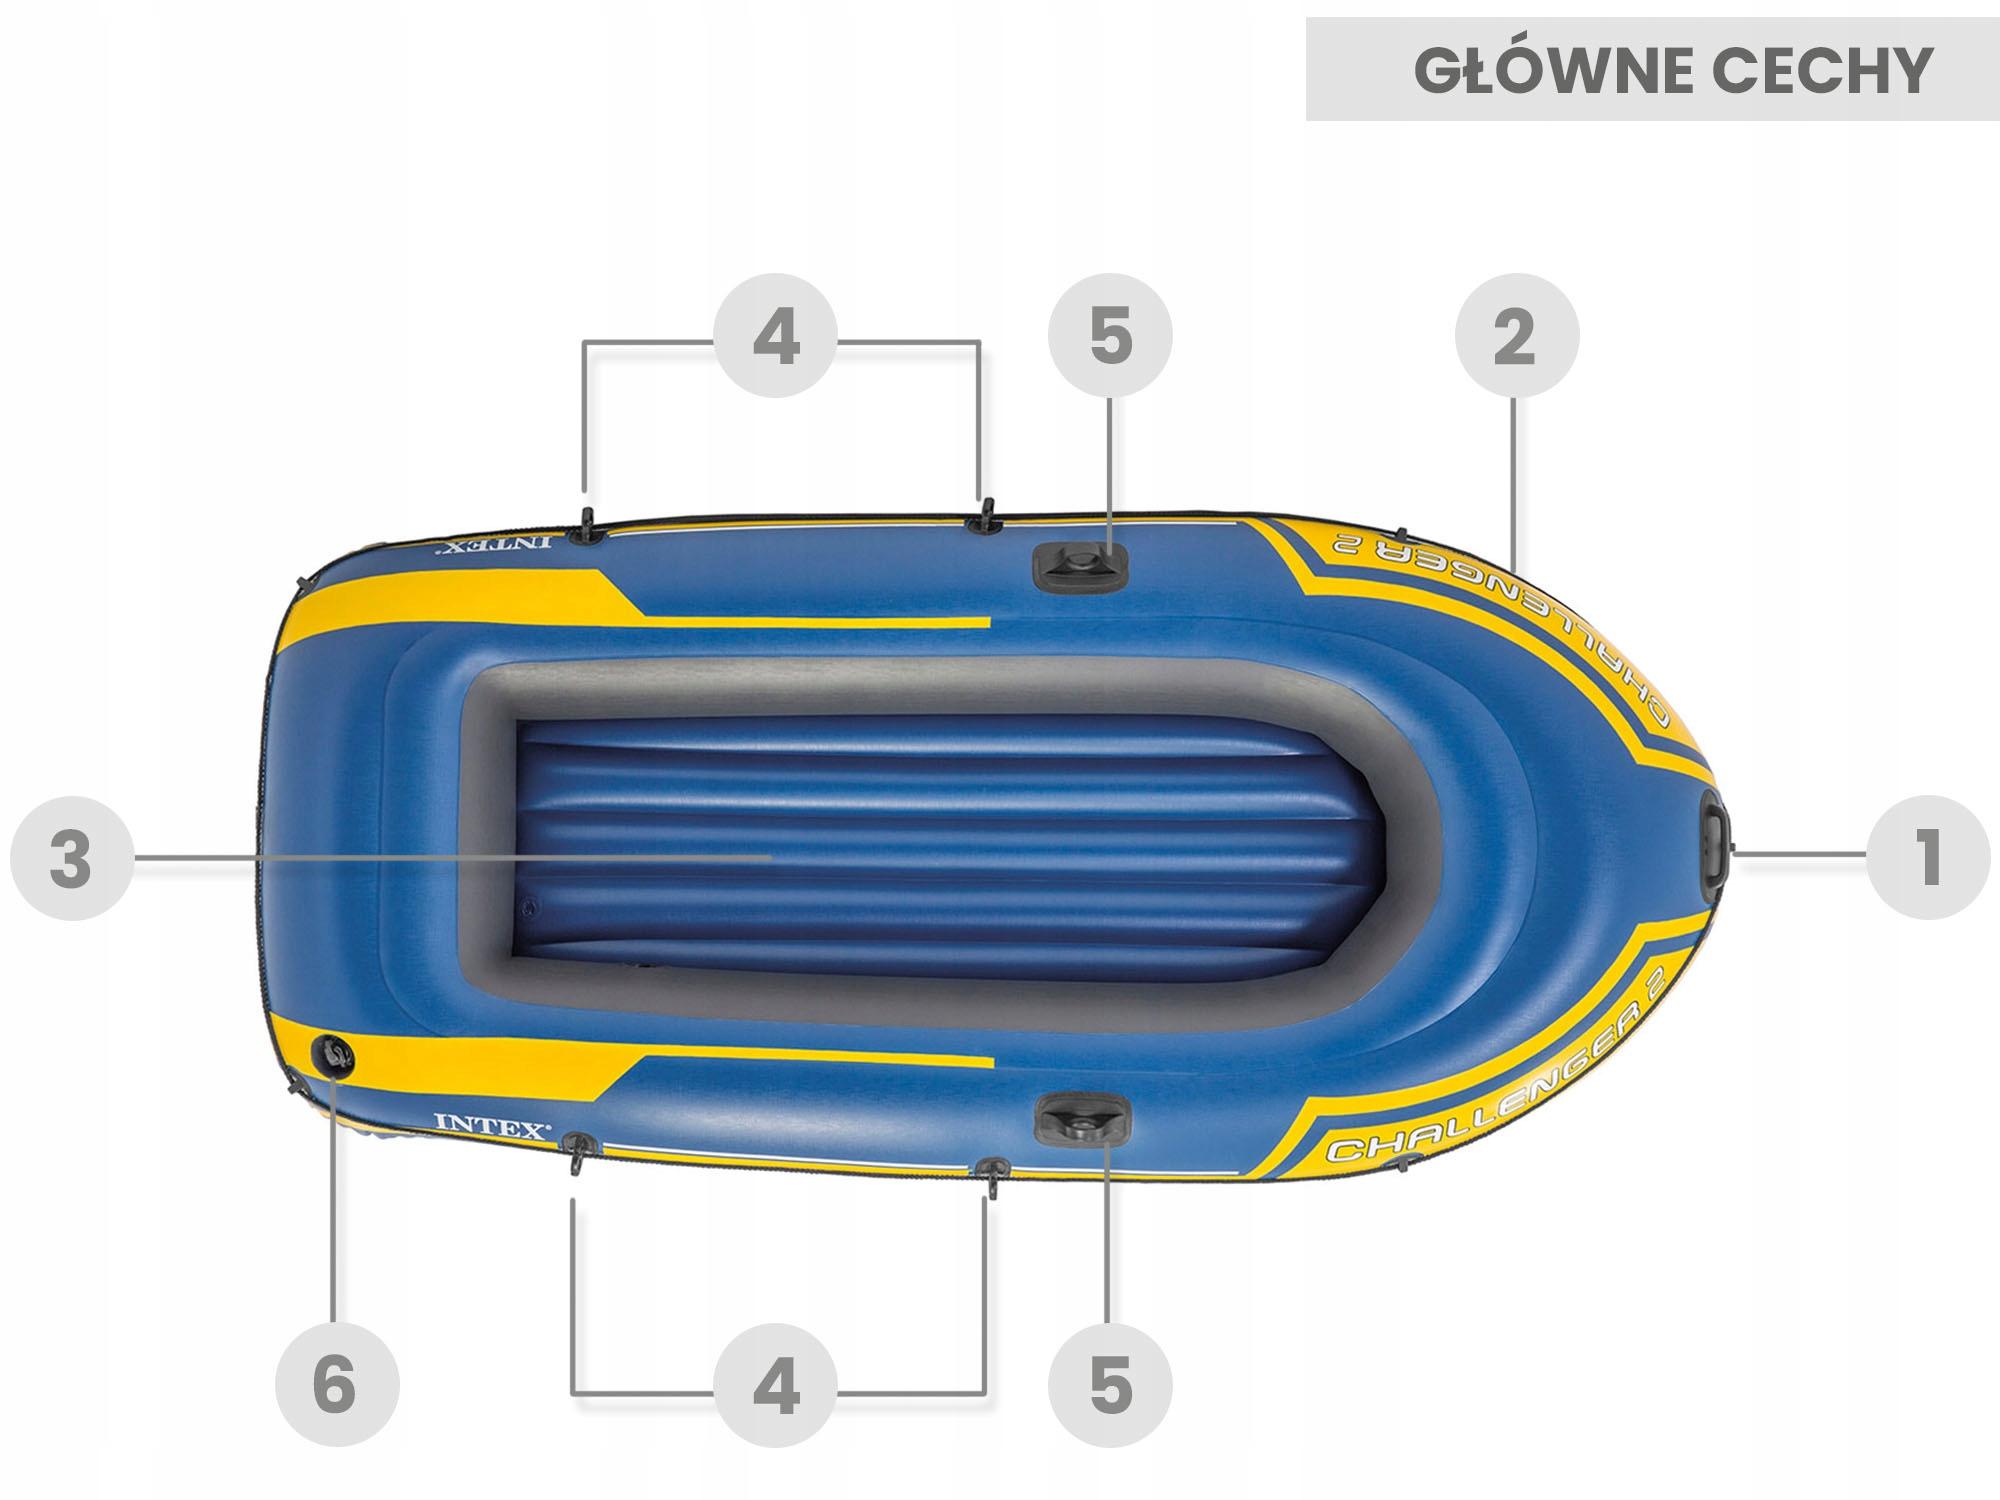 PONTON CHALLENGER 2 + НАСОС + НАСОС INTEX 68367 Возможность установки двигателя нет